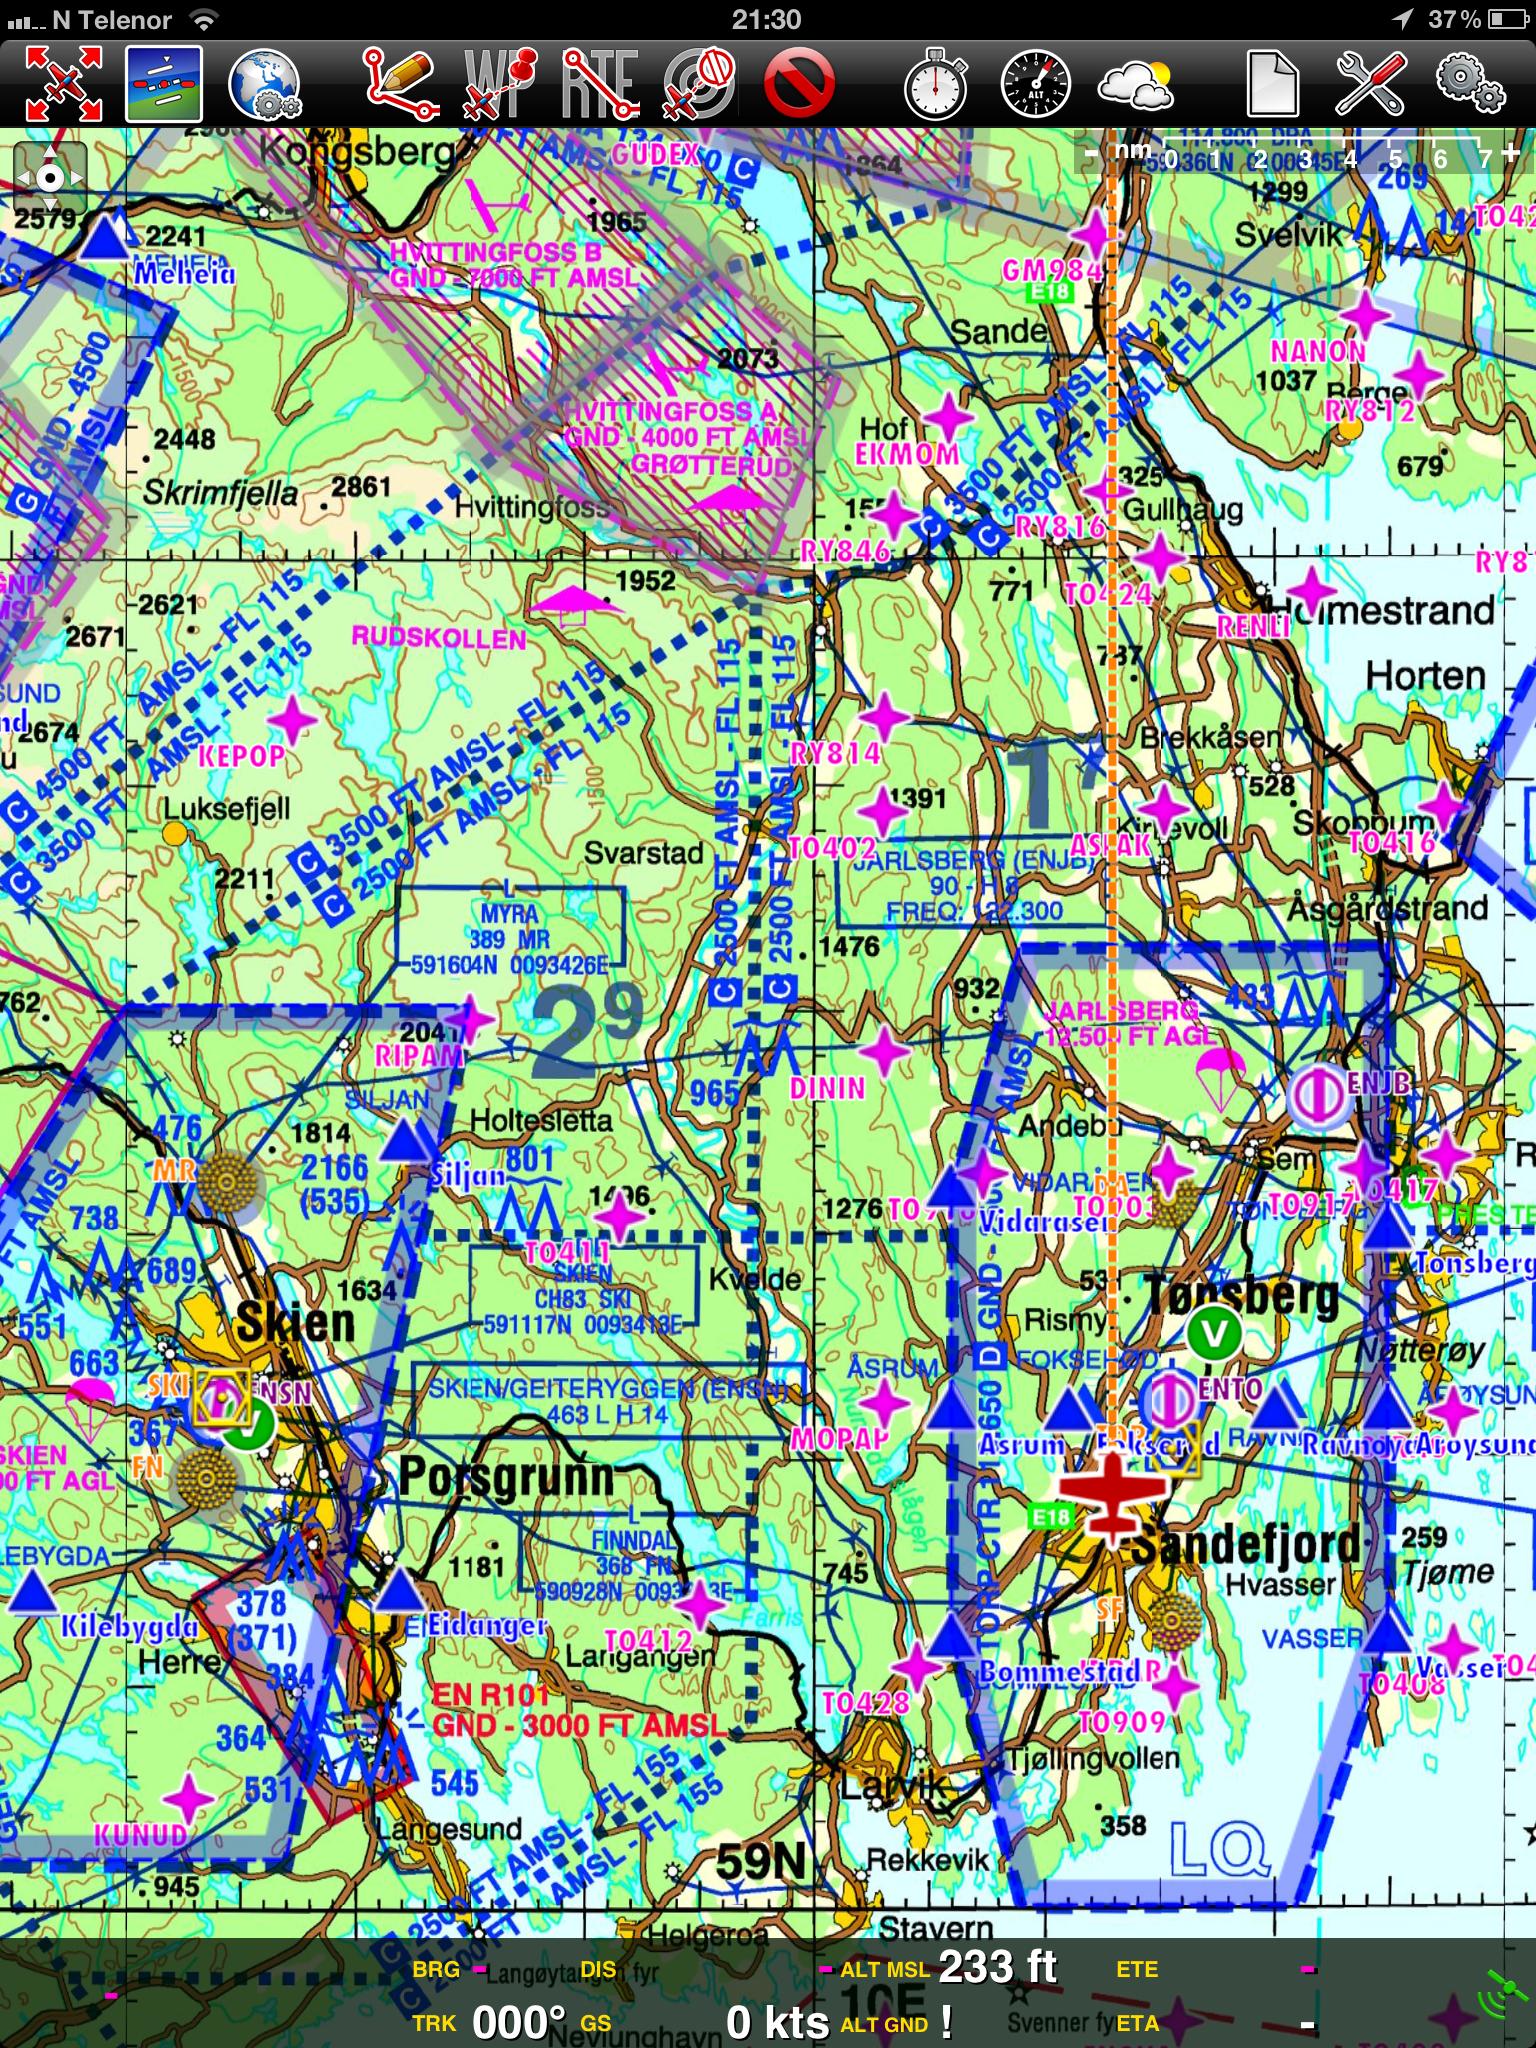 icao kart norge Norsk ICAO kart på Airnav Pro | AOPA Norway icao kart norge